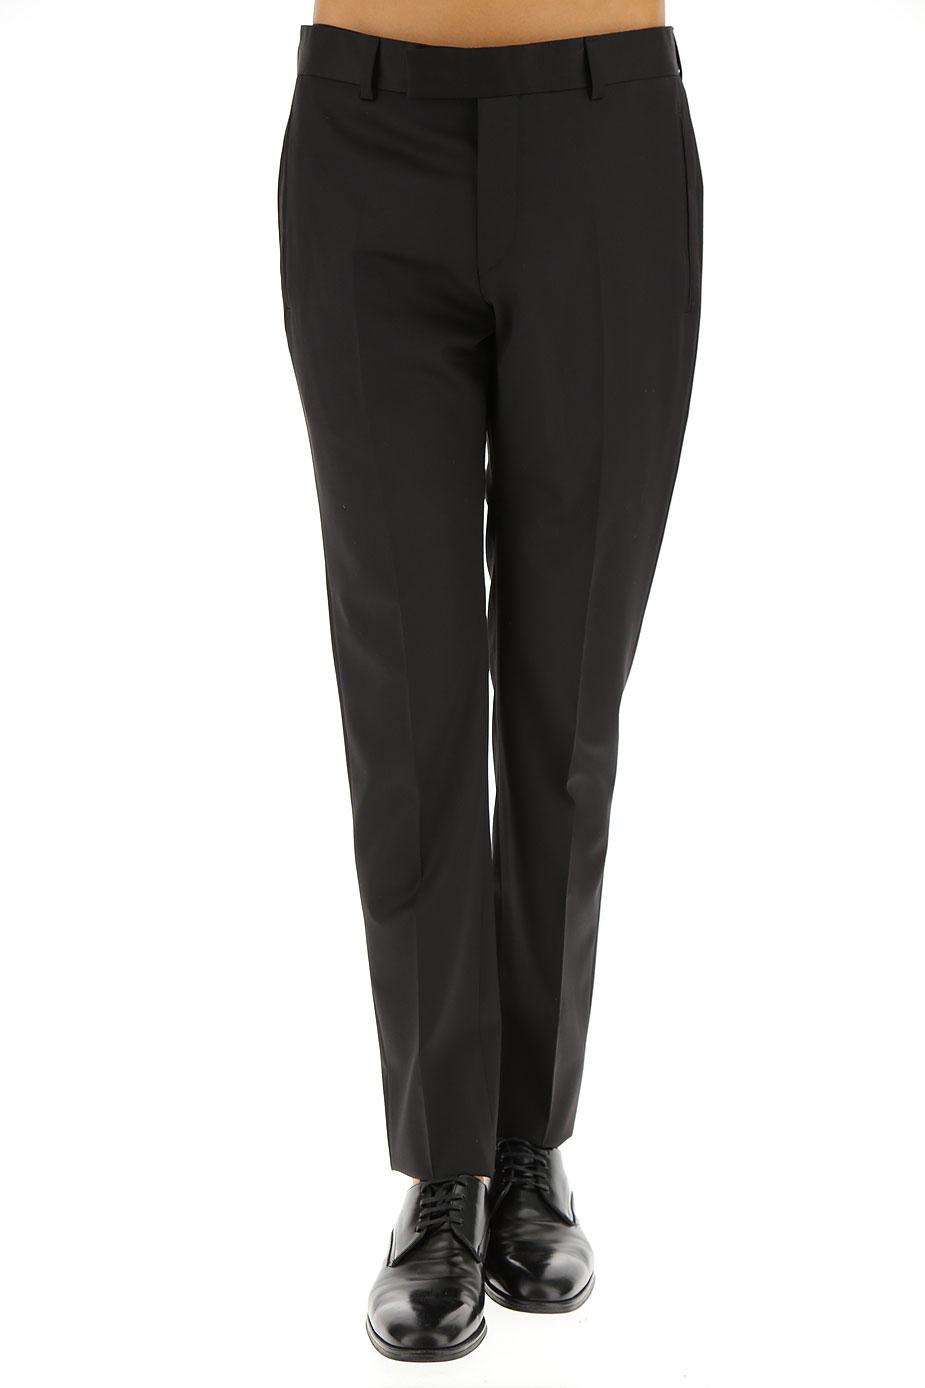 Abbigliamento Uomo Karl Lagerfeld, Codice Articolo: 571-255-008